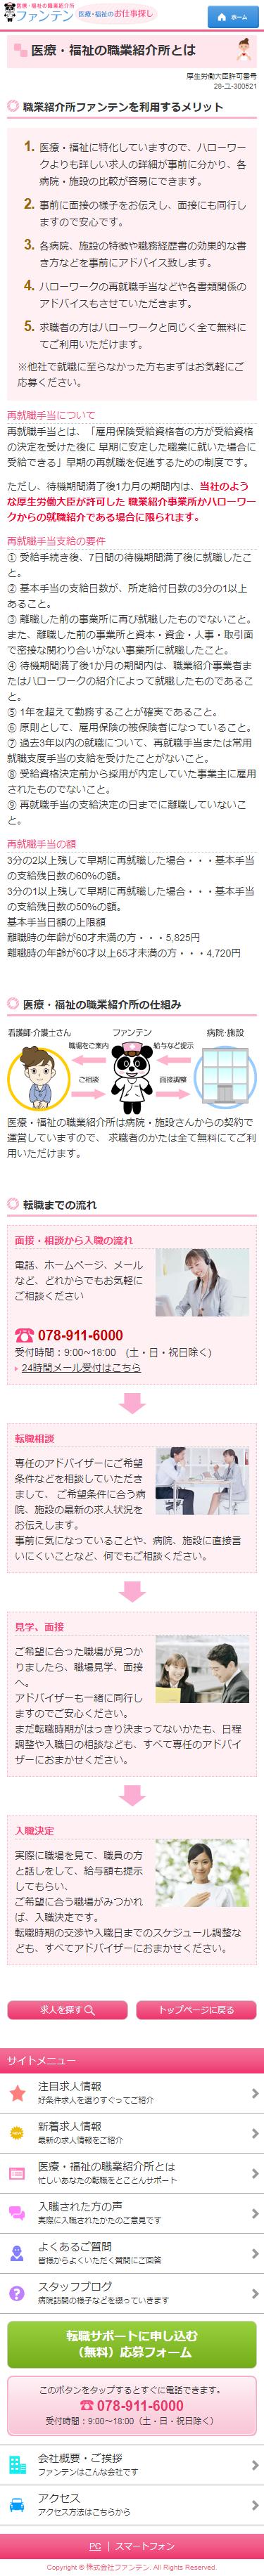 明石市 株式会社ファンテン様 ホームページ制作4